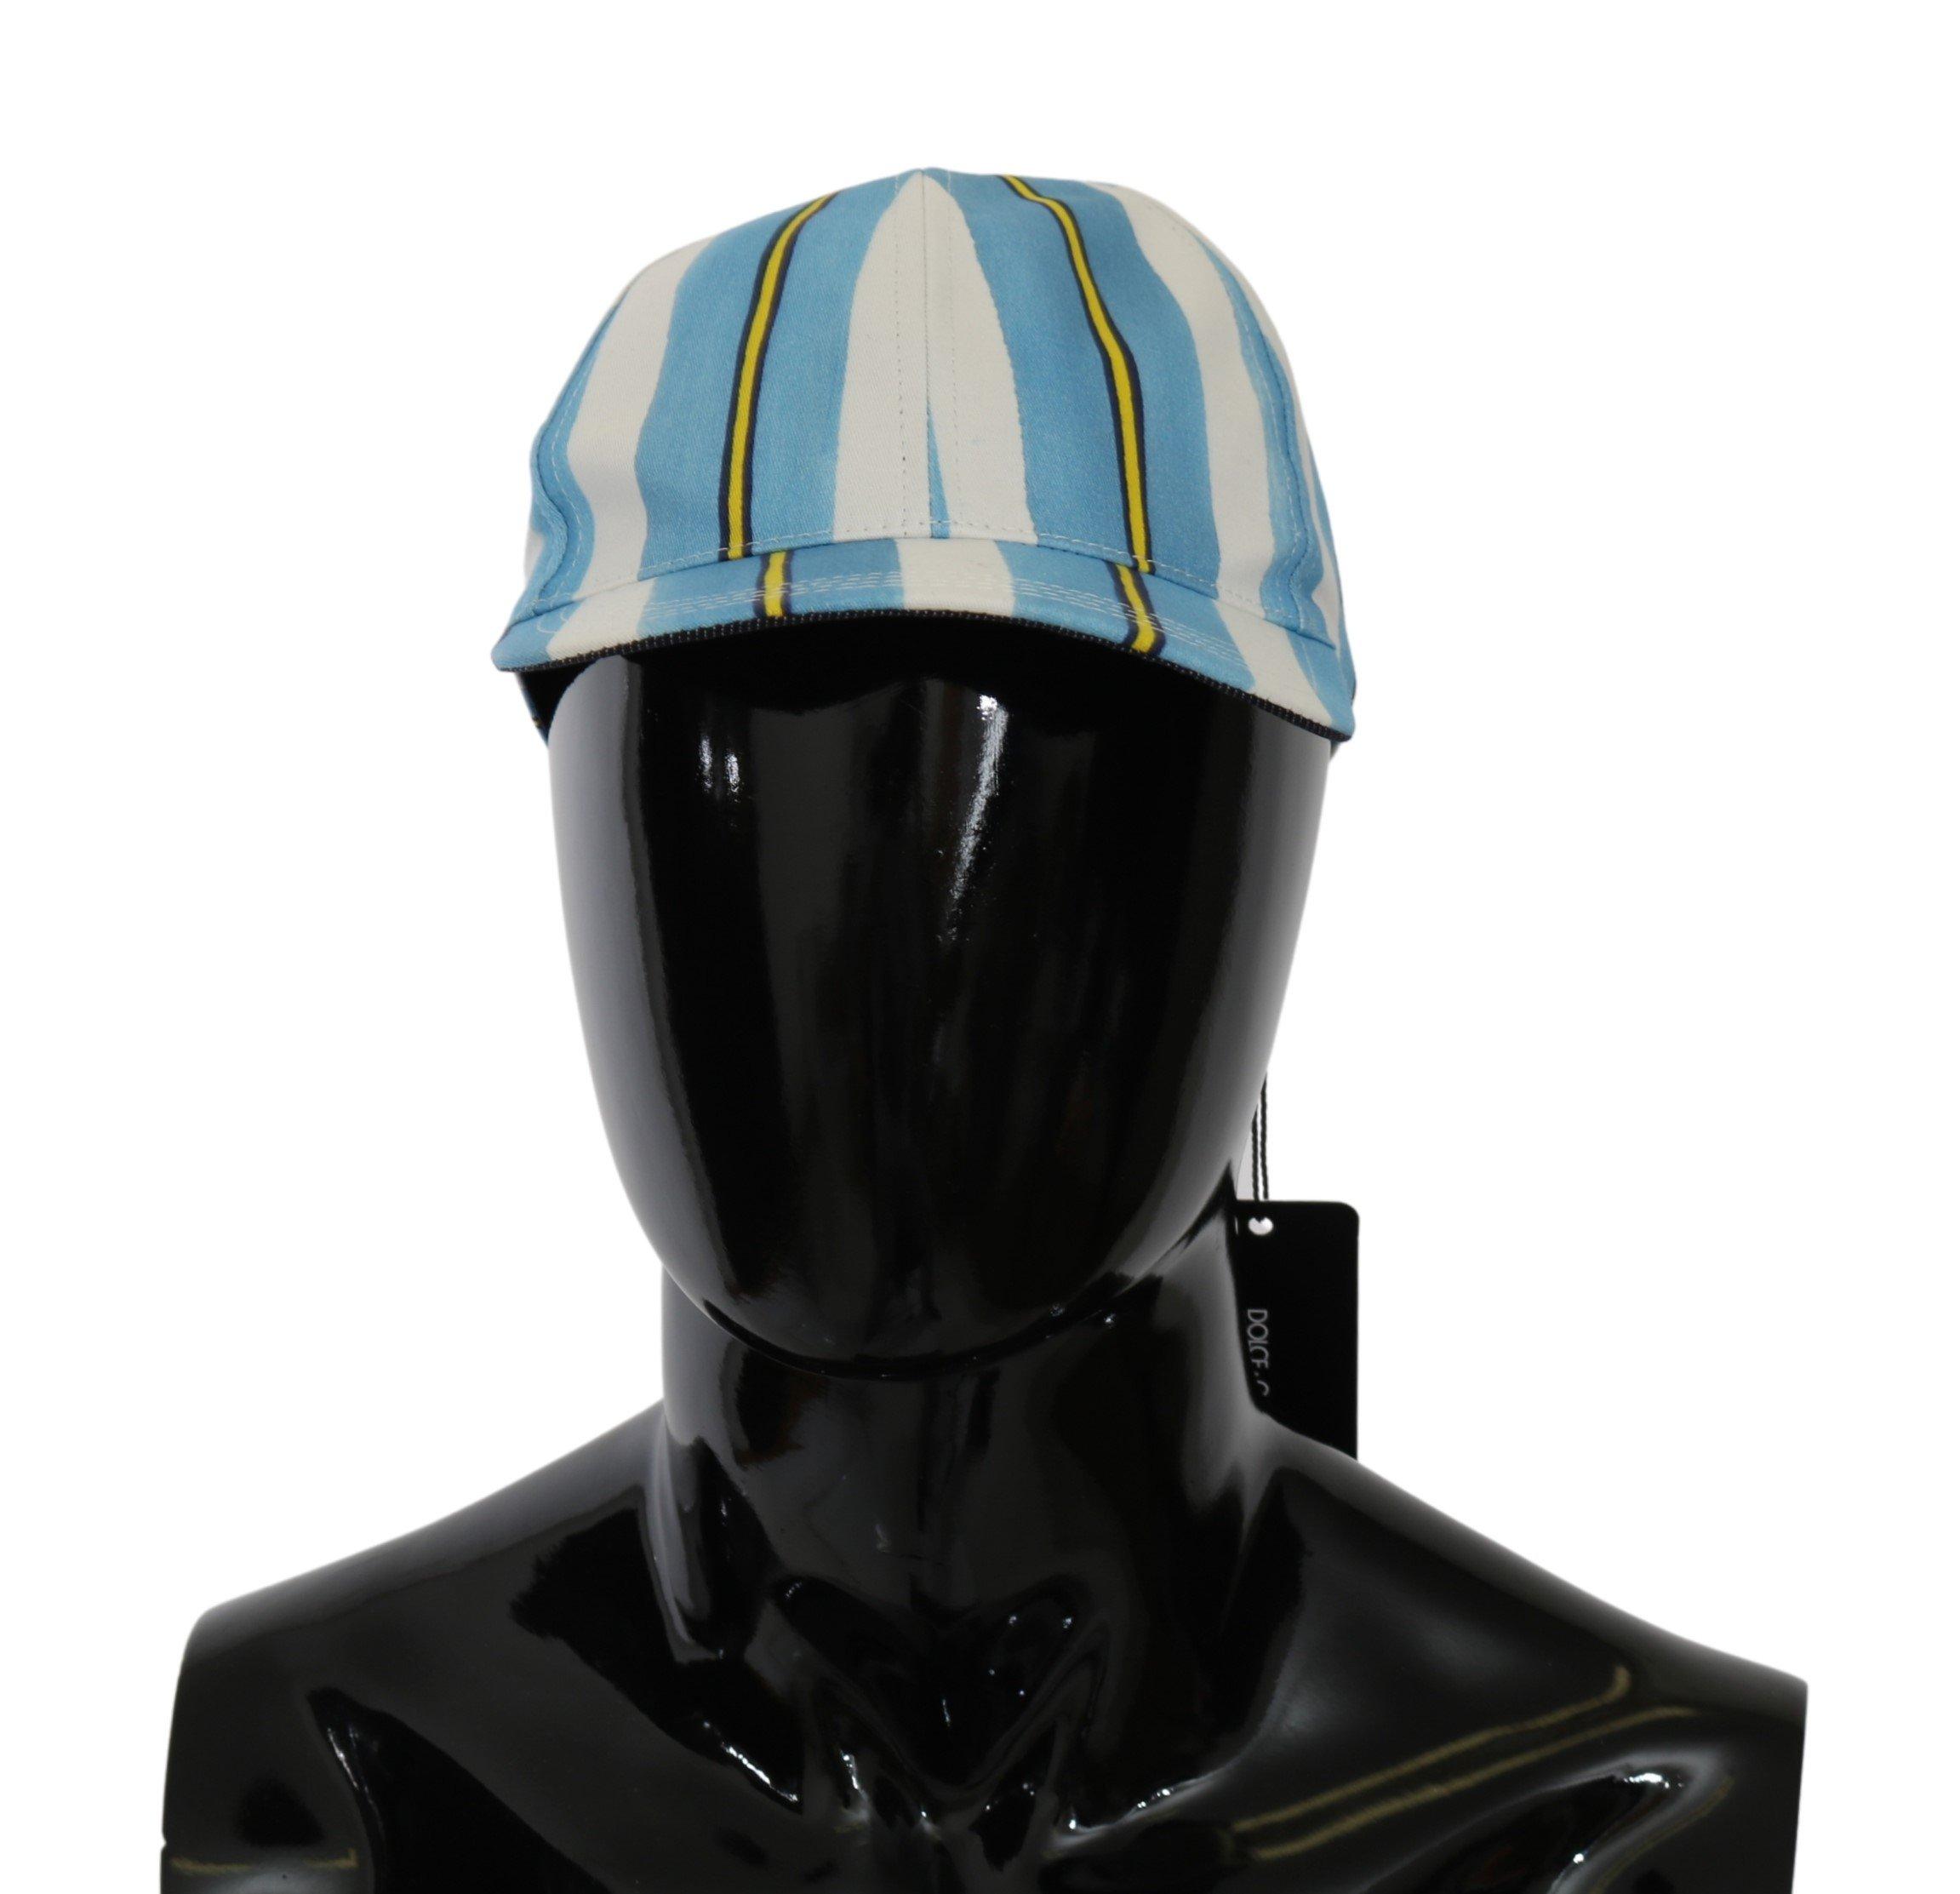 Dolce & Gabbana Men's Stripes Baseball Cotton Cap Multicolor HAT20054 - 57 cm S